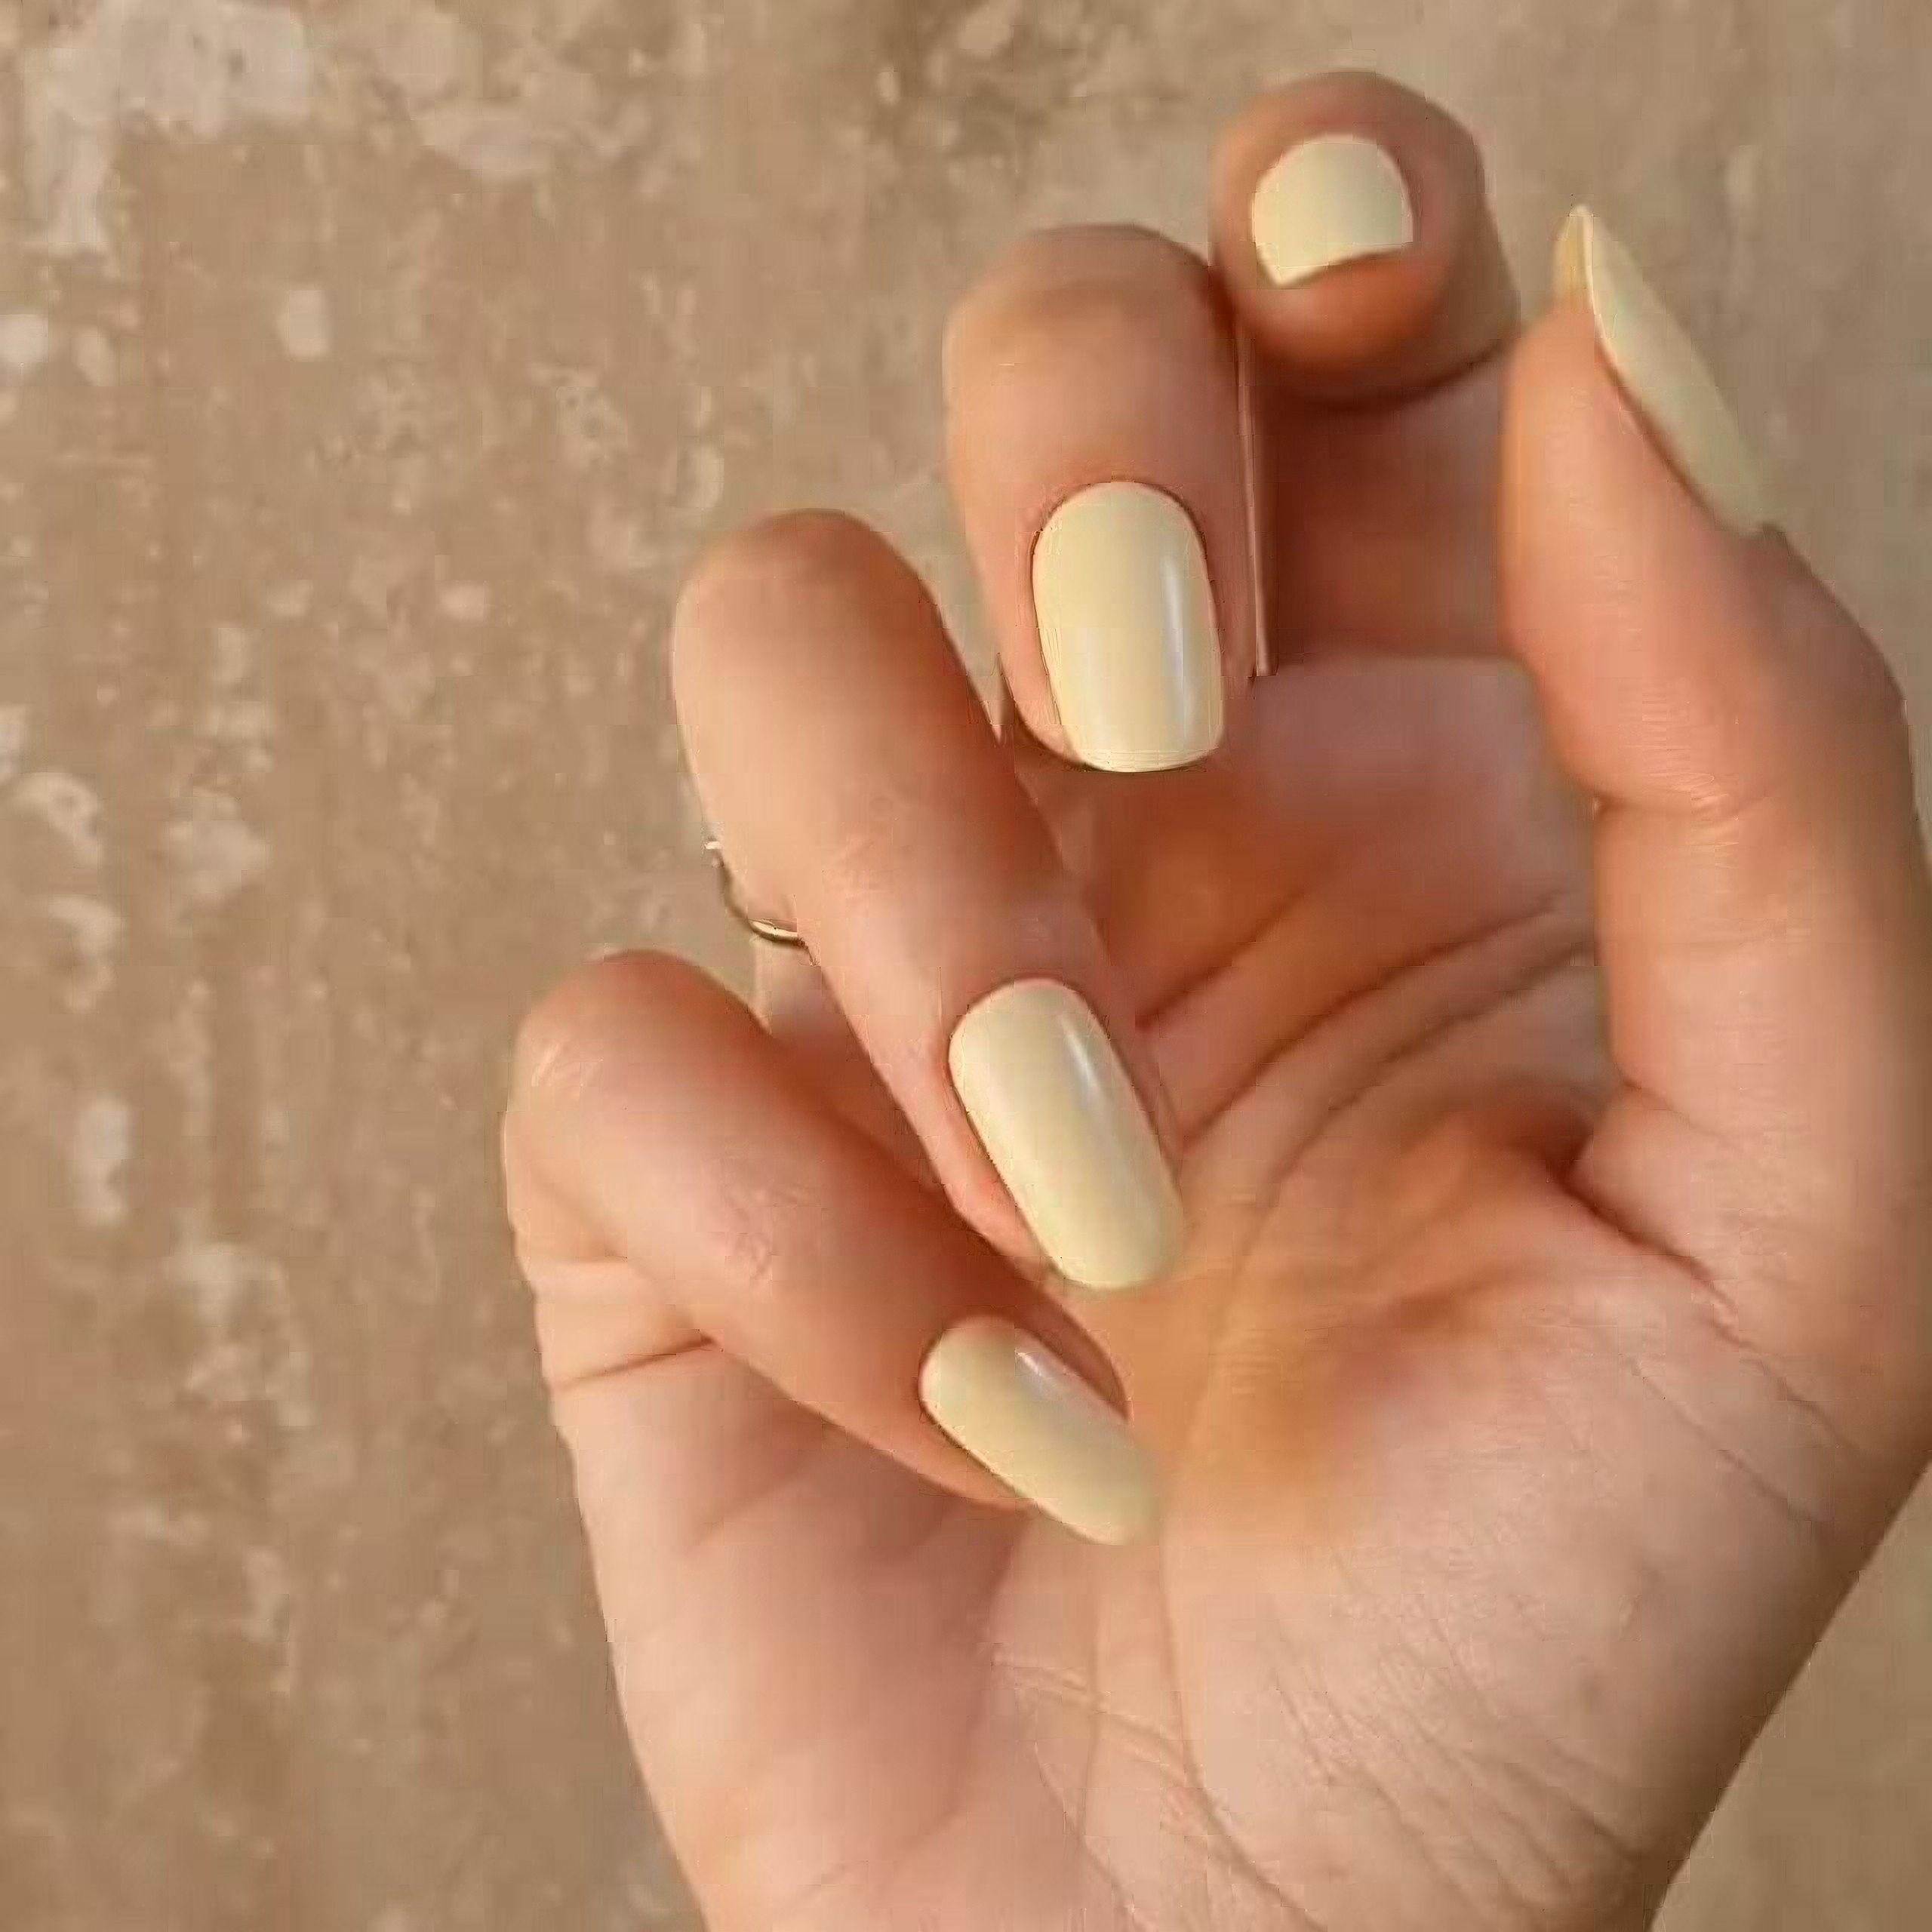 Amazon.com: powder nails - 4 Stars & Up / Acrylic